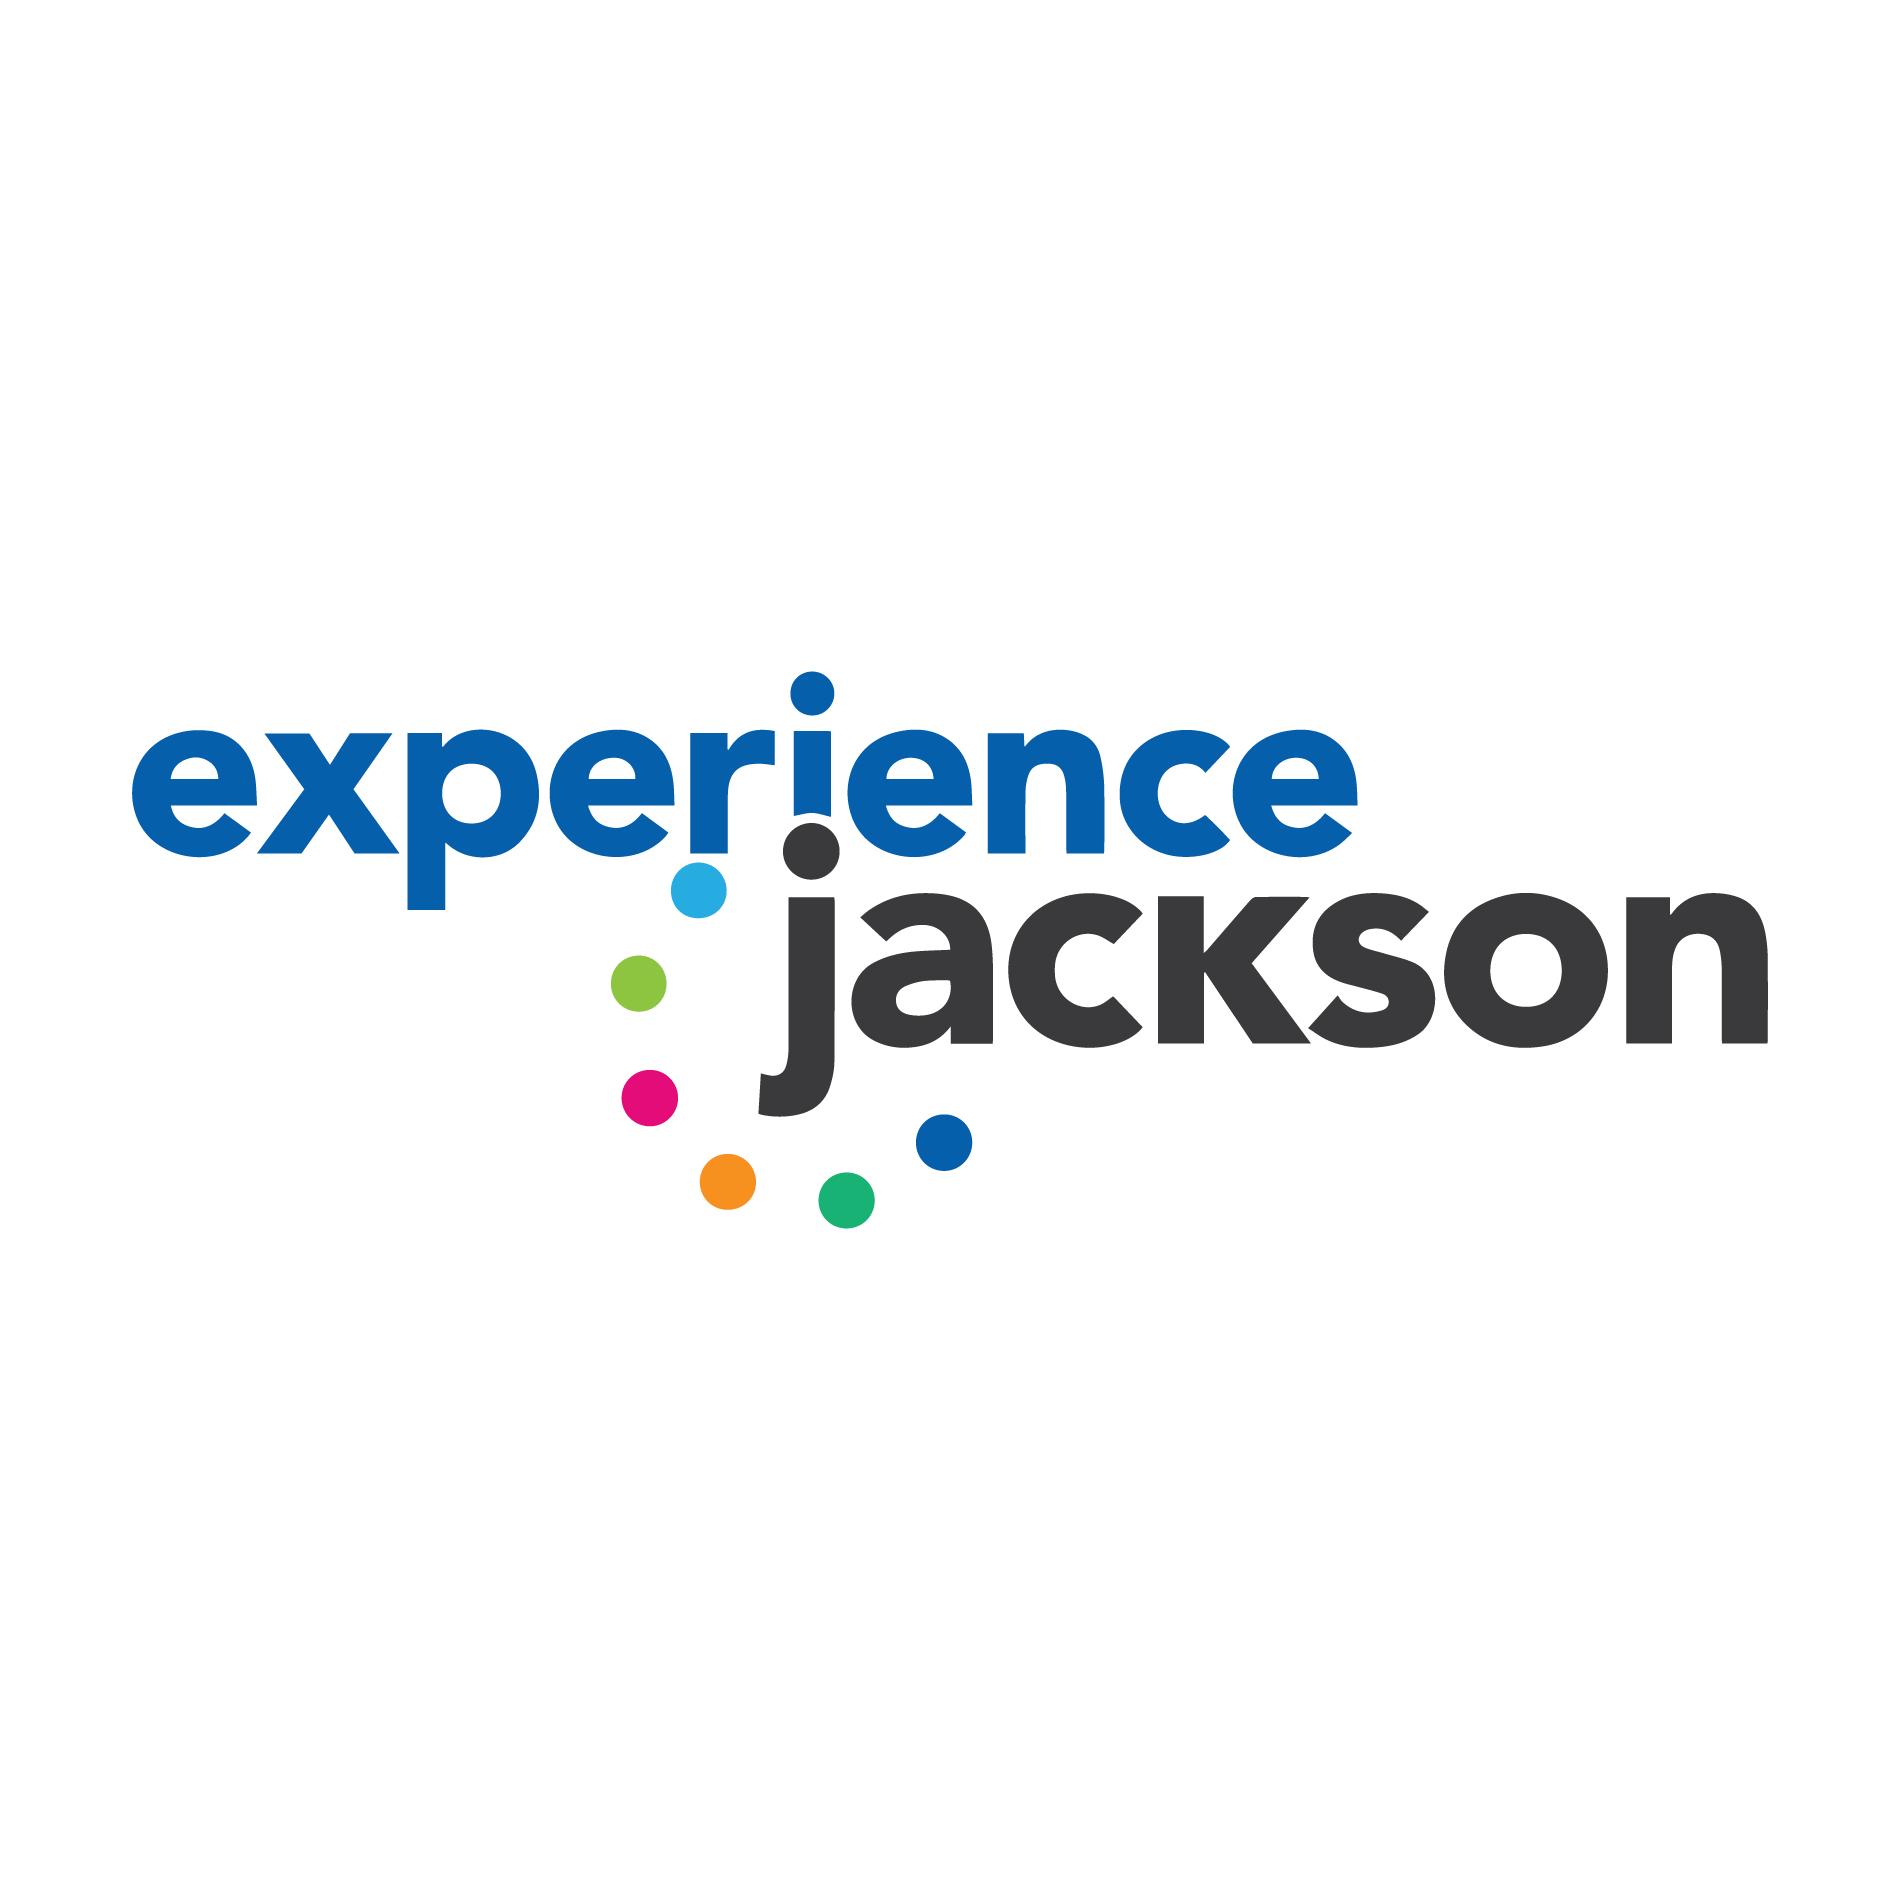 Experience Jackson